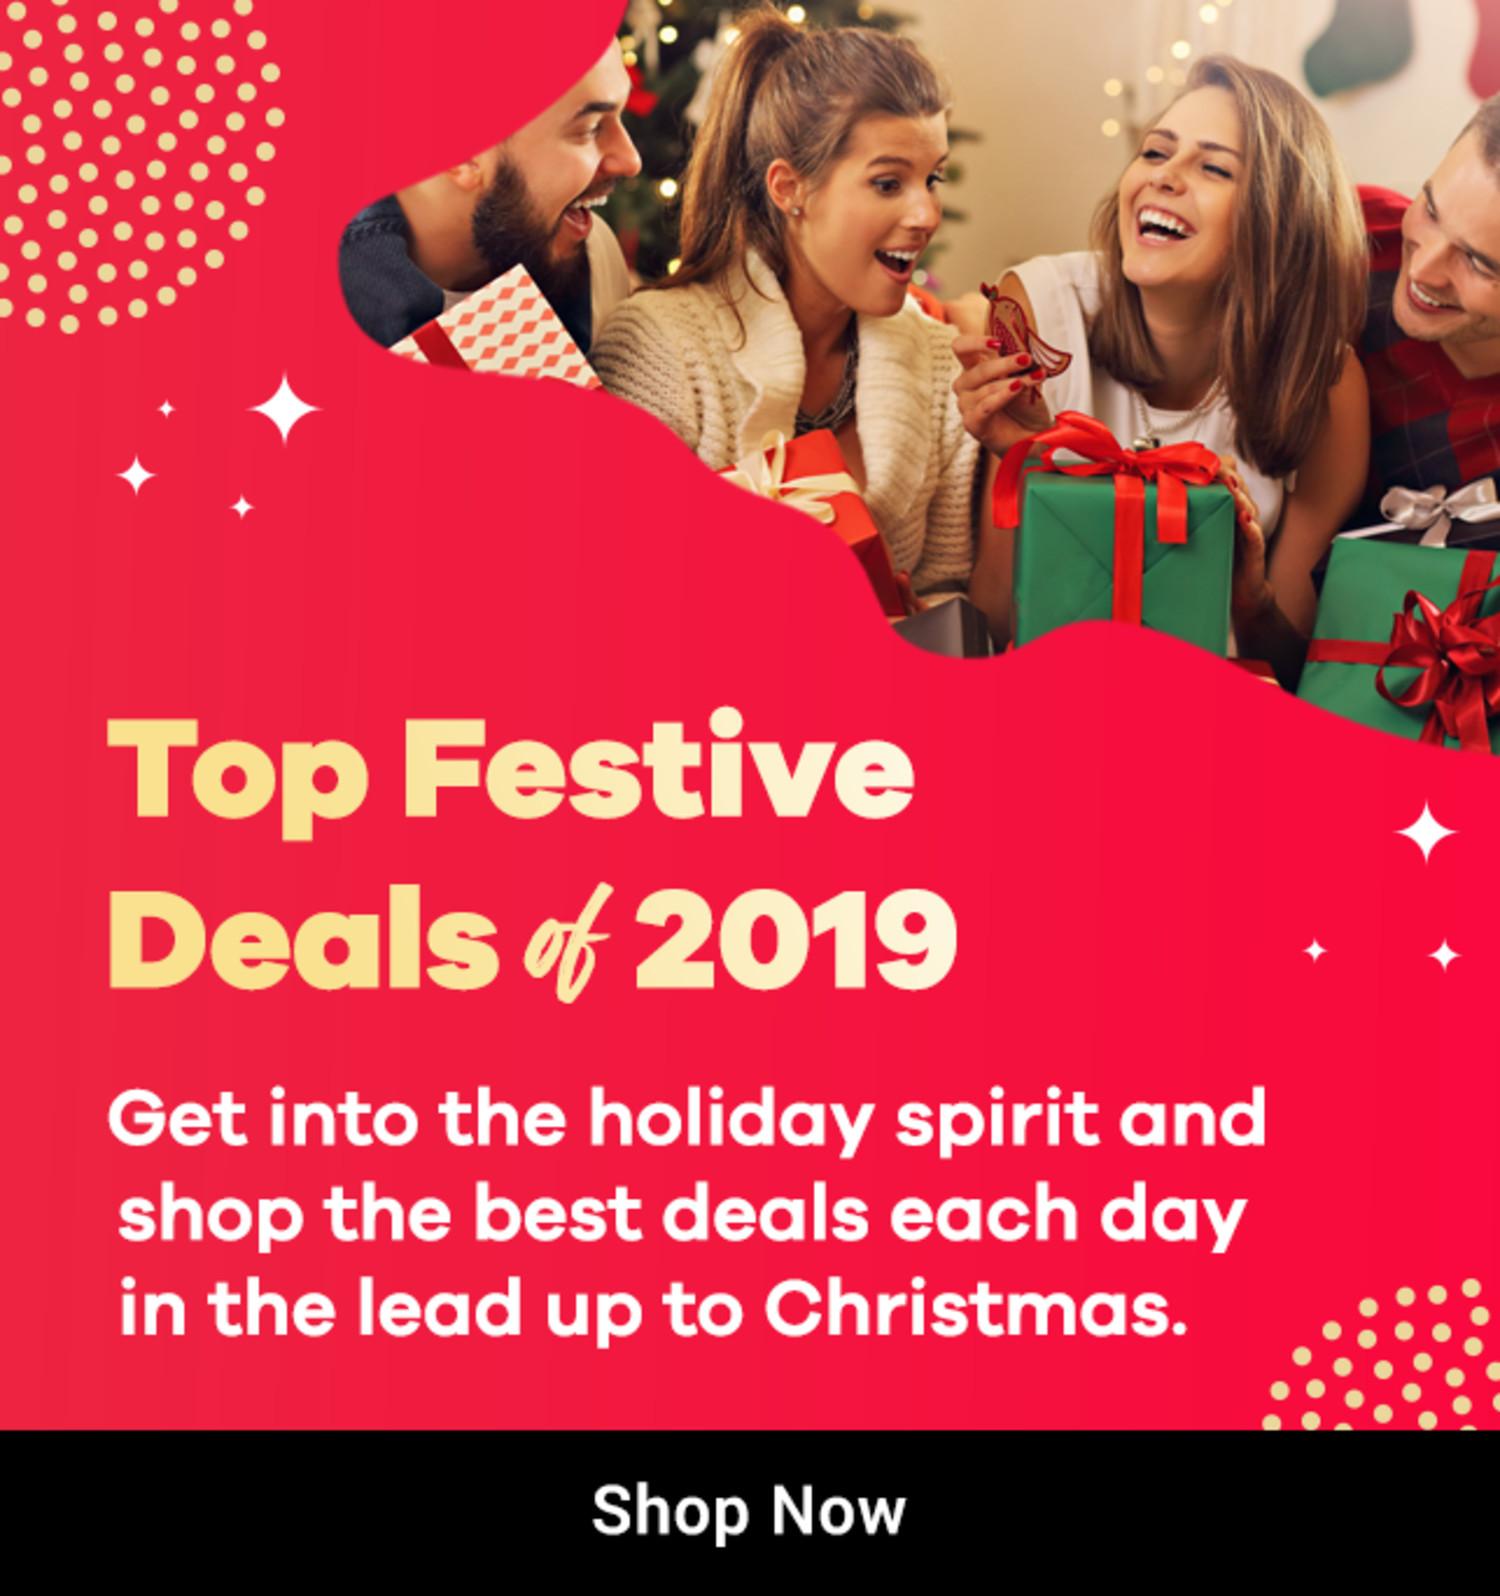 ShopBack - Top Festive Deals 2019